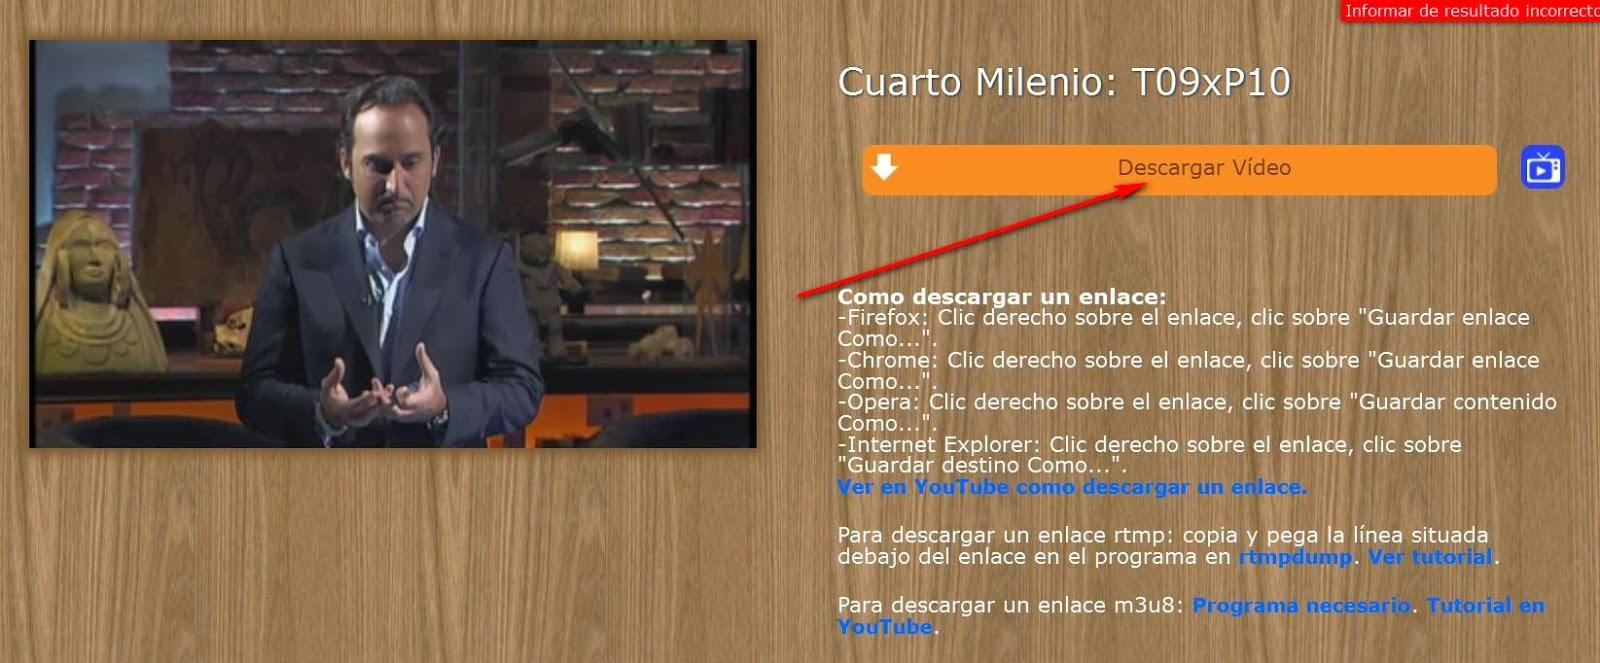 Cuarto Milenio Ultimo Programa Descargar | Como Descargar Videos Online De Tv Publicas Y Privadas Por